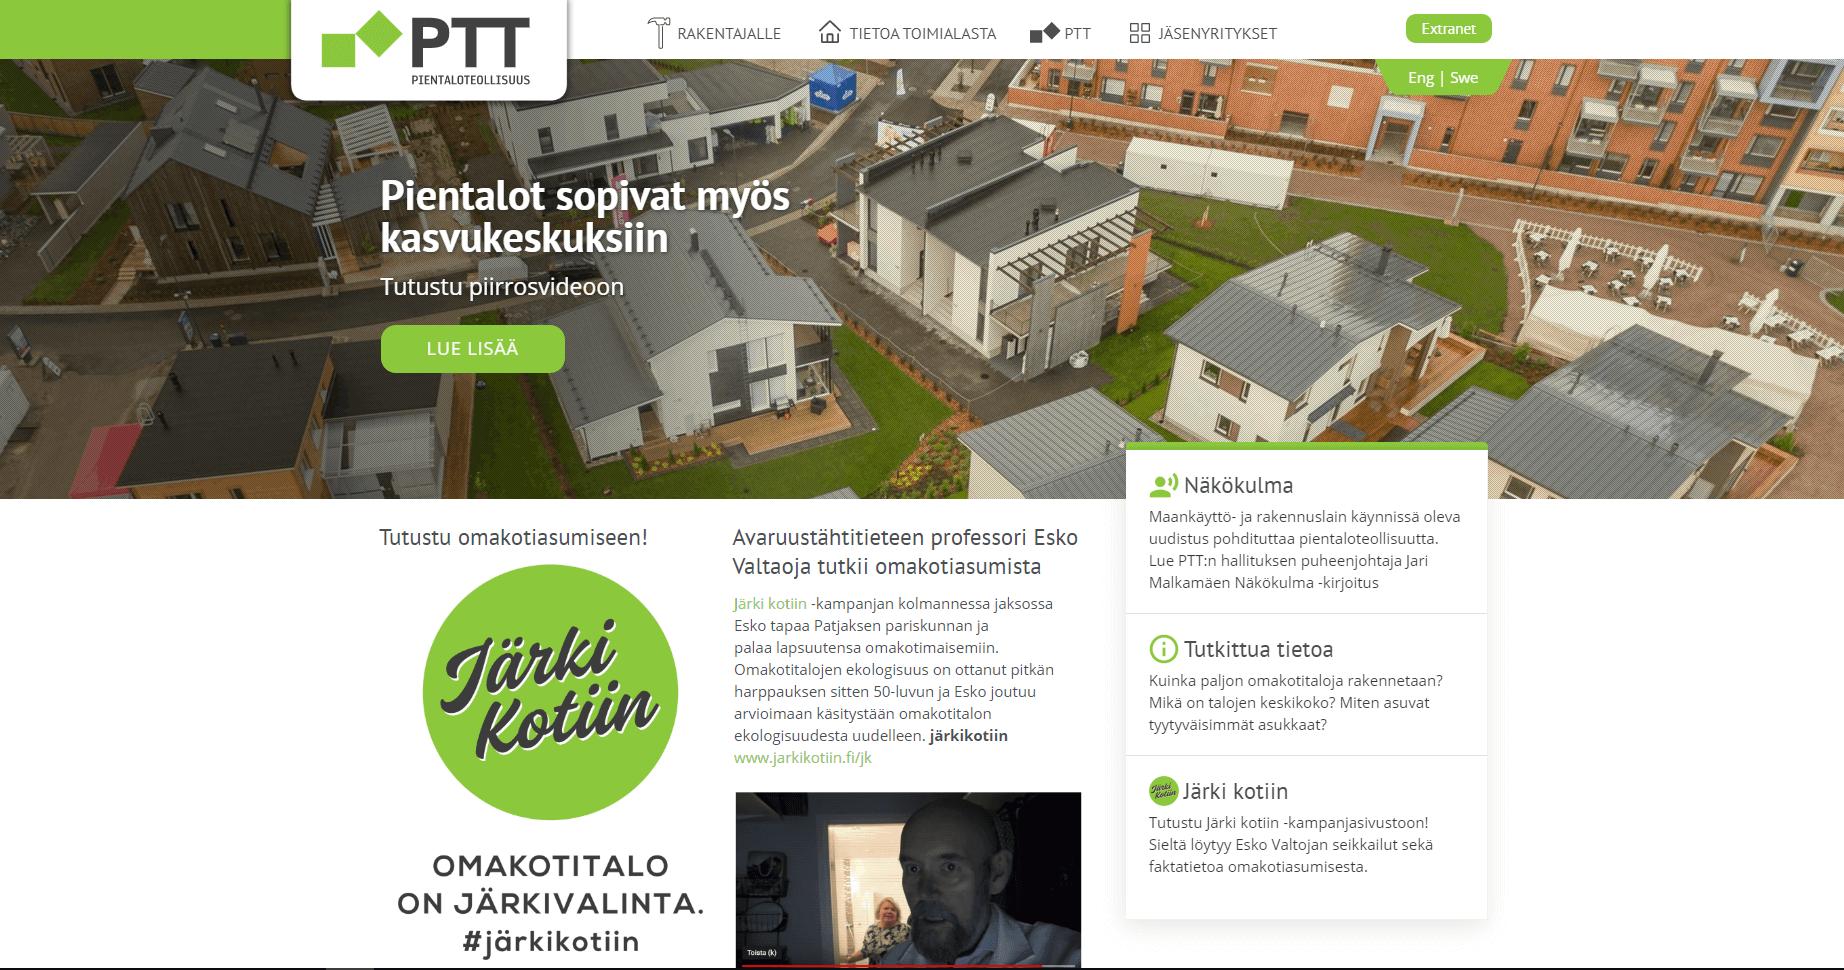 PTT Pientaloteollisuus etusivu